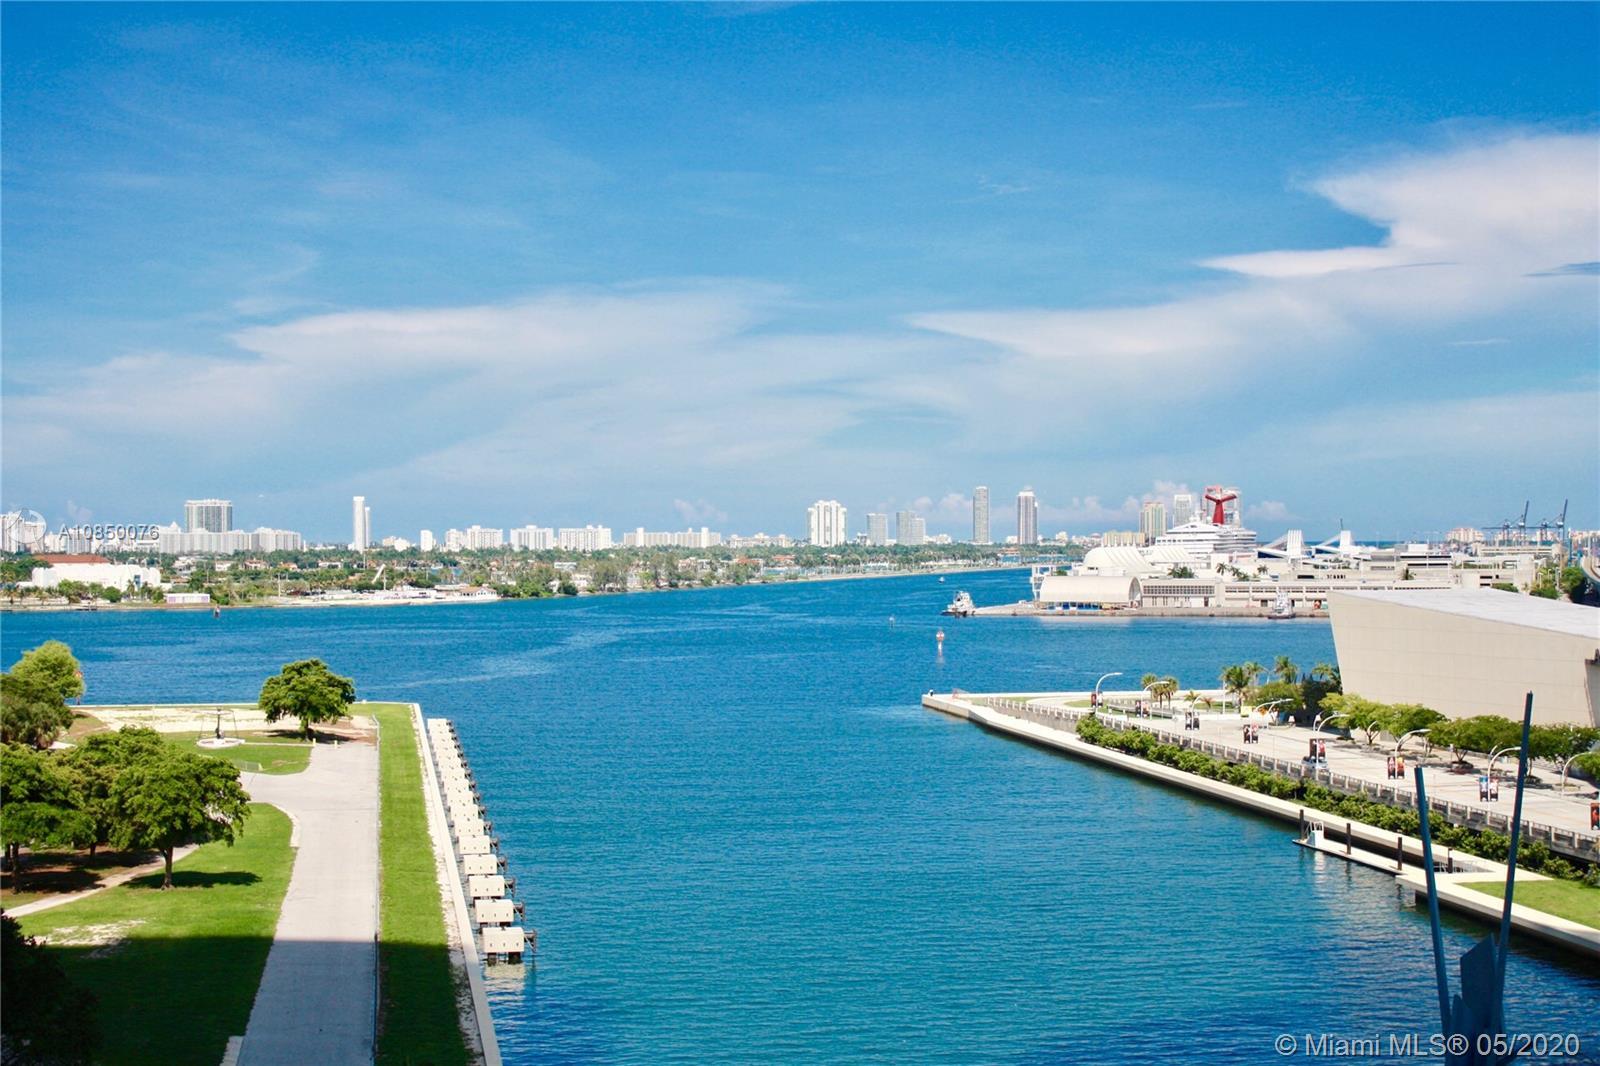 900 Biscayne Bay #501 - 900 Biscayne Blvd #501, Miami, FL 33132